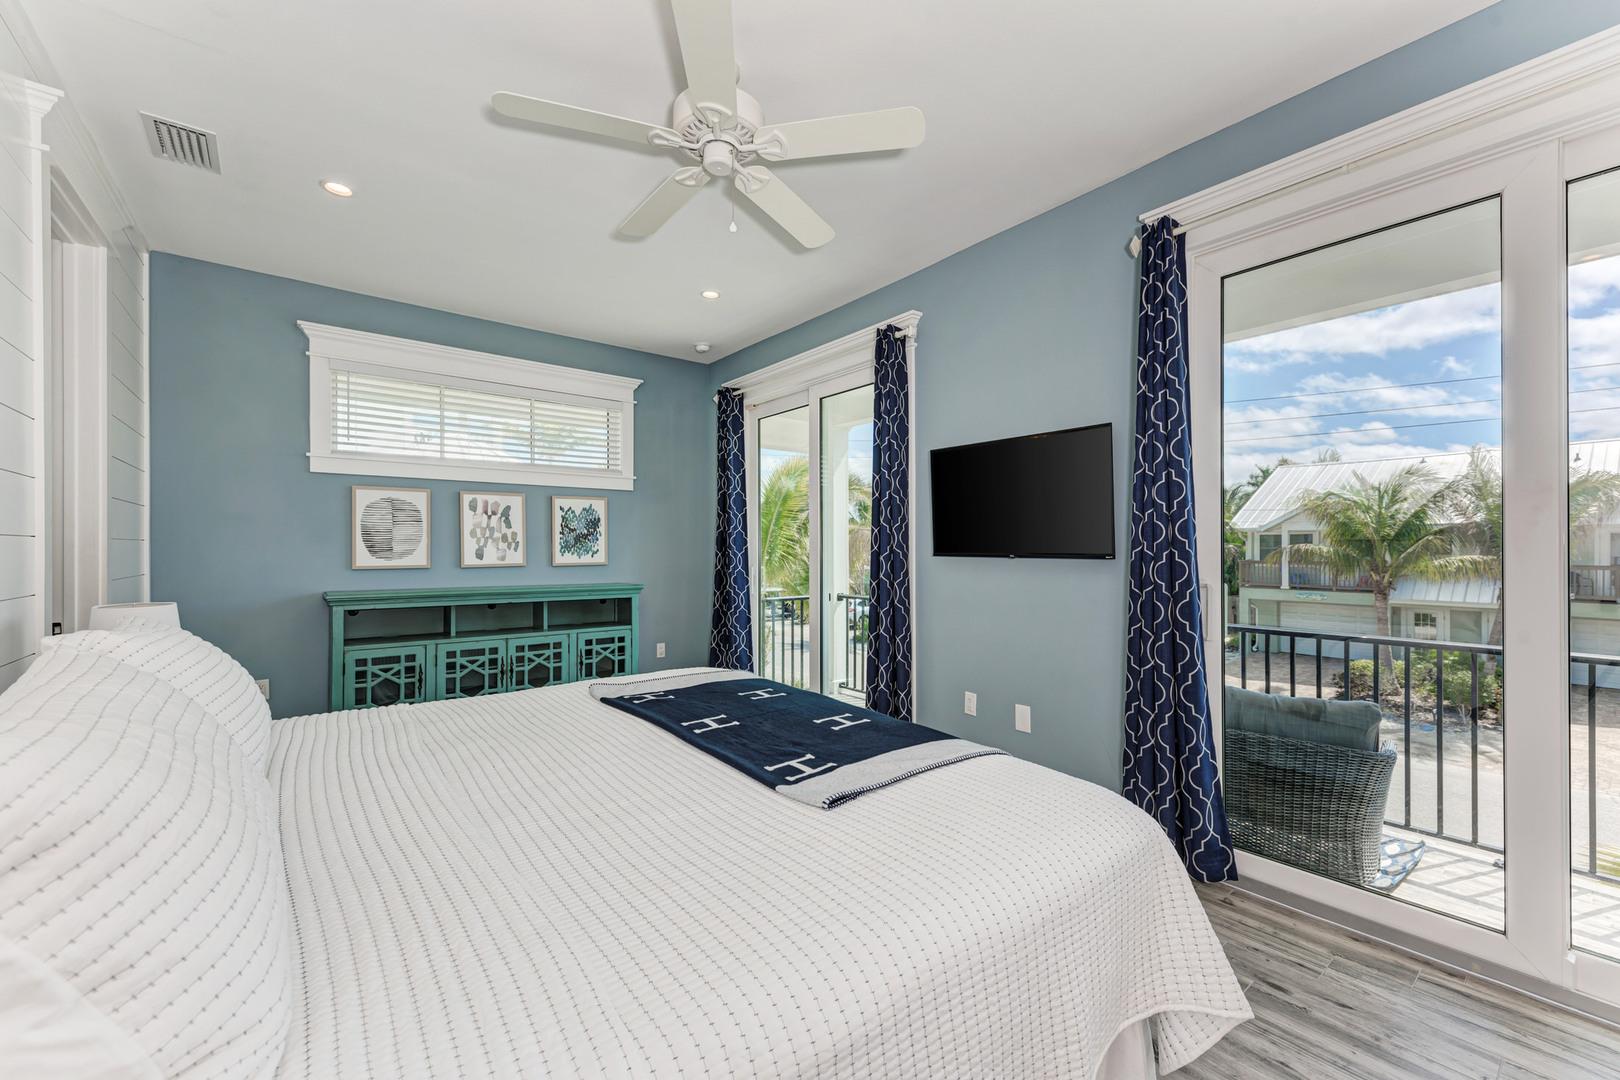 4 Sandpipers master bedroom view from doorway